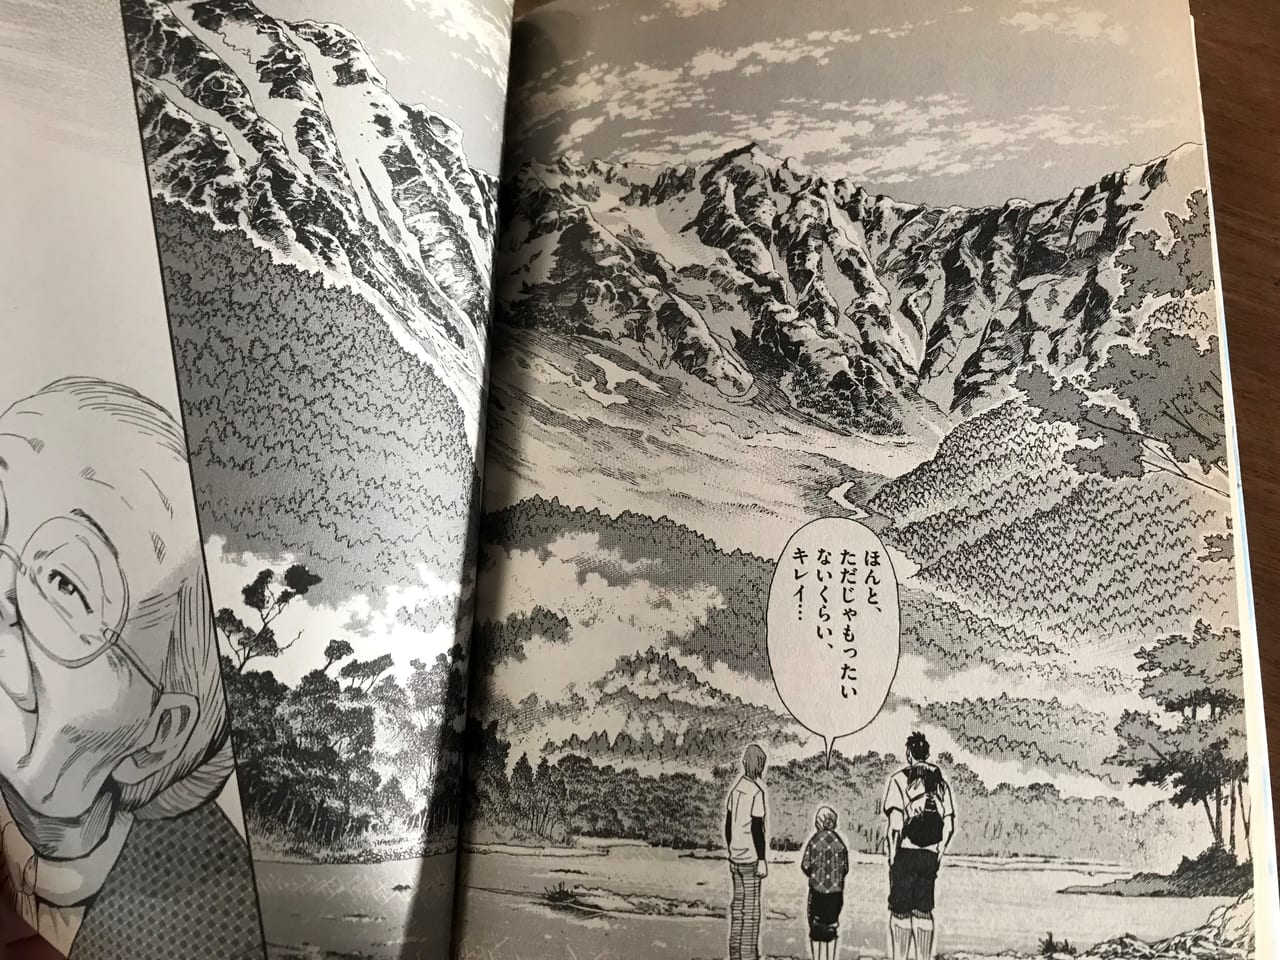 /山の描写が美しく描かれる